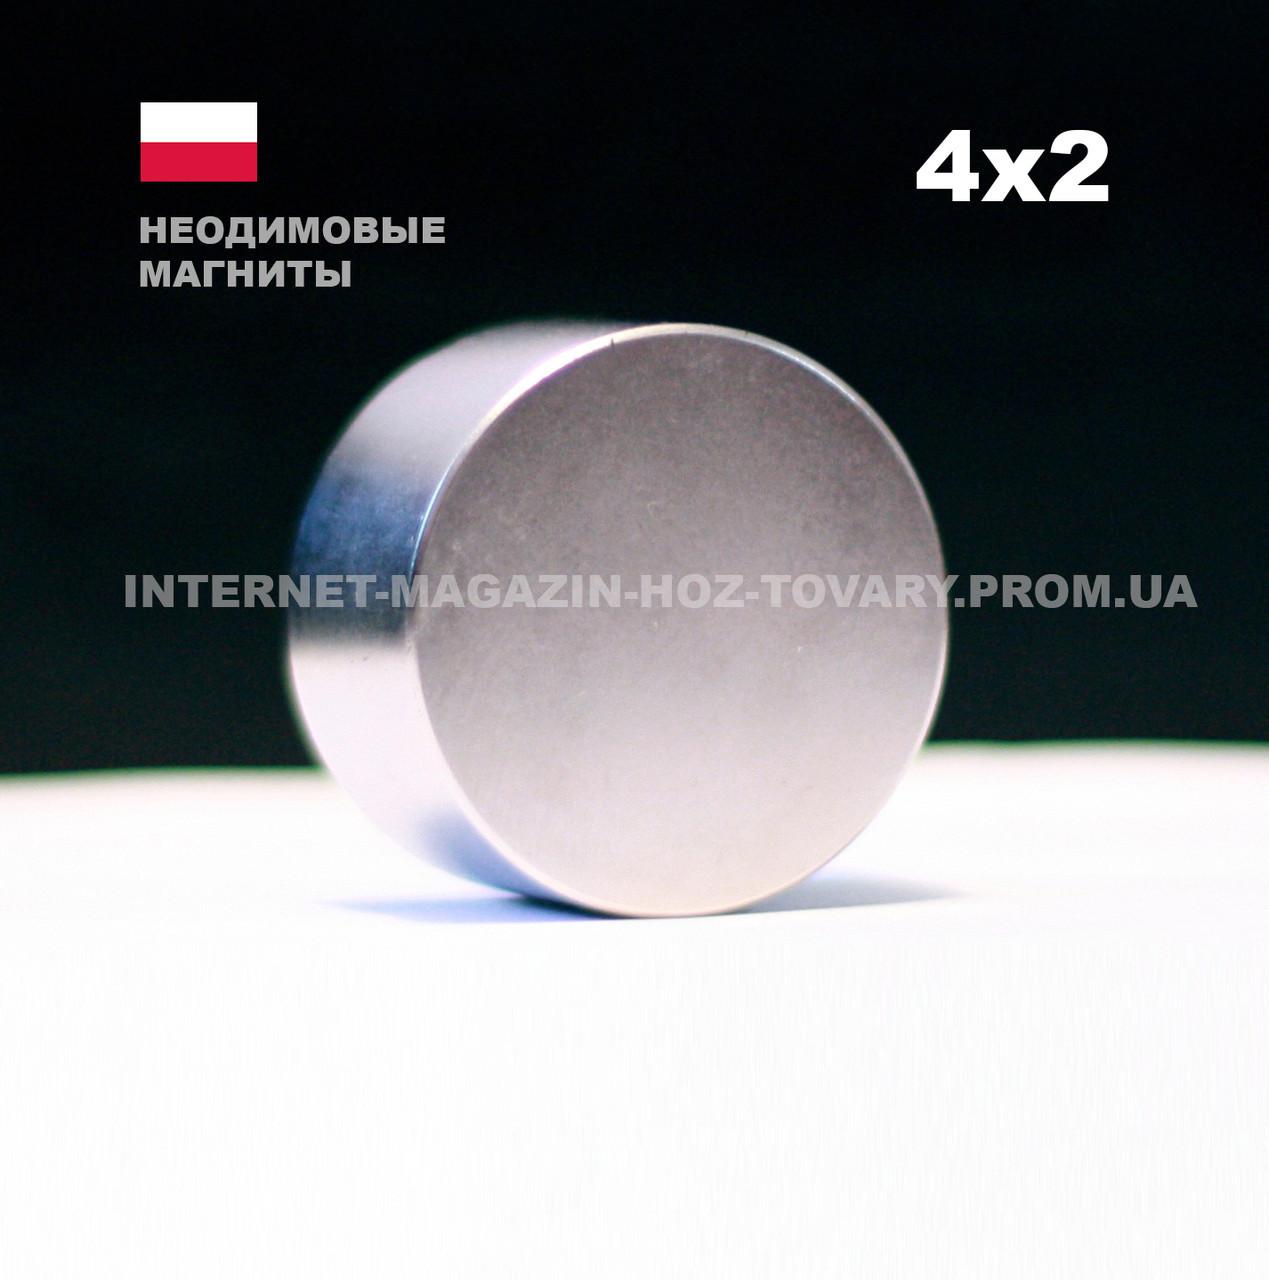 Неодимовые магниты 4*2